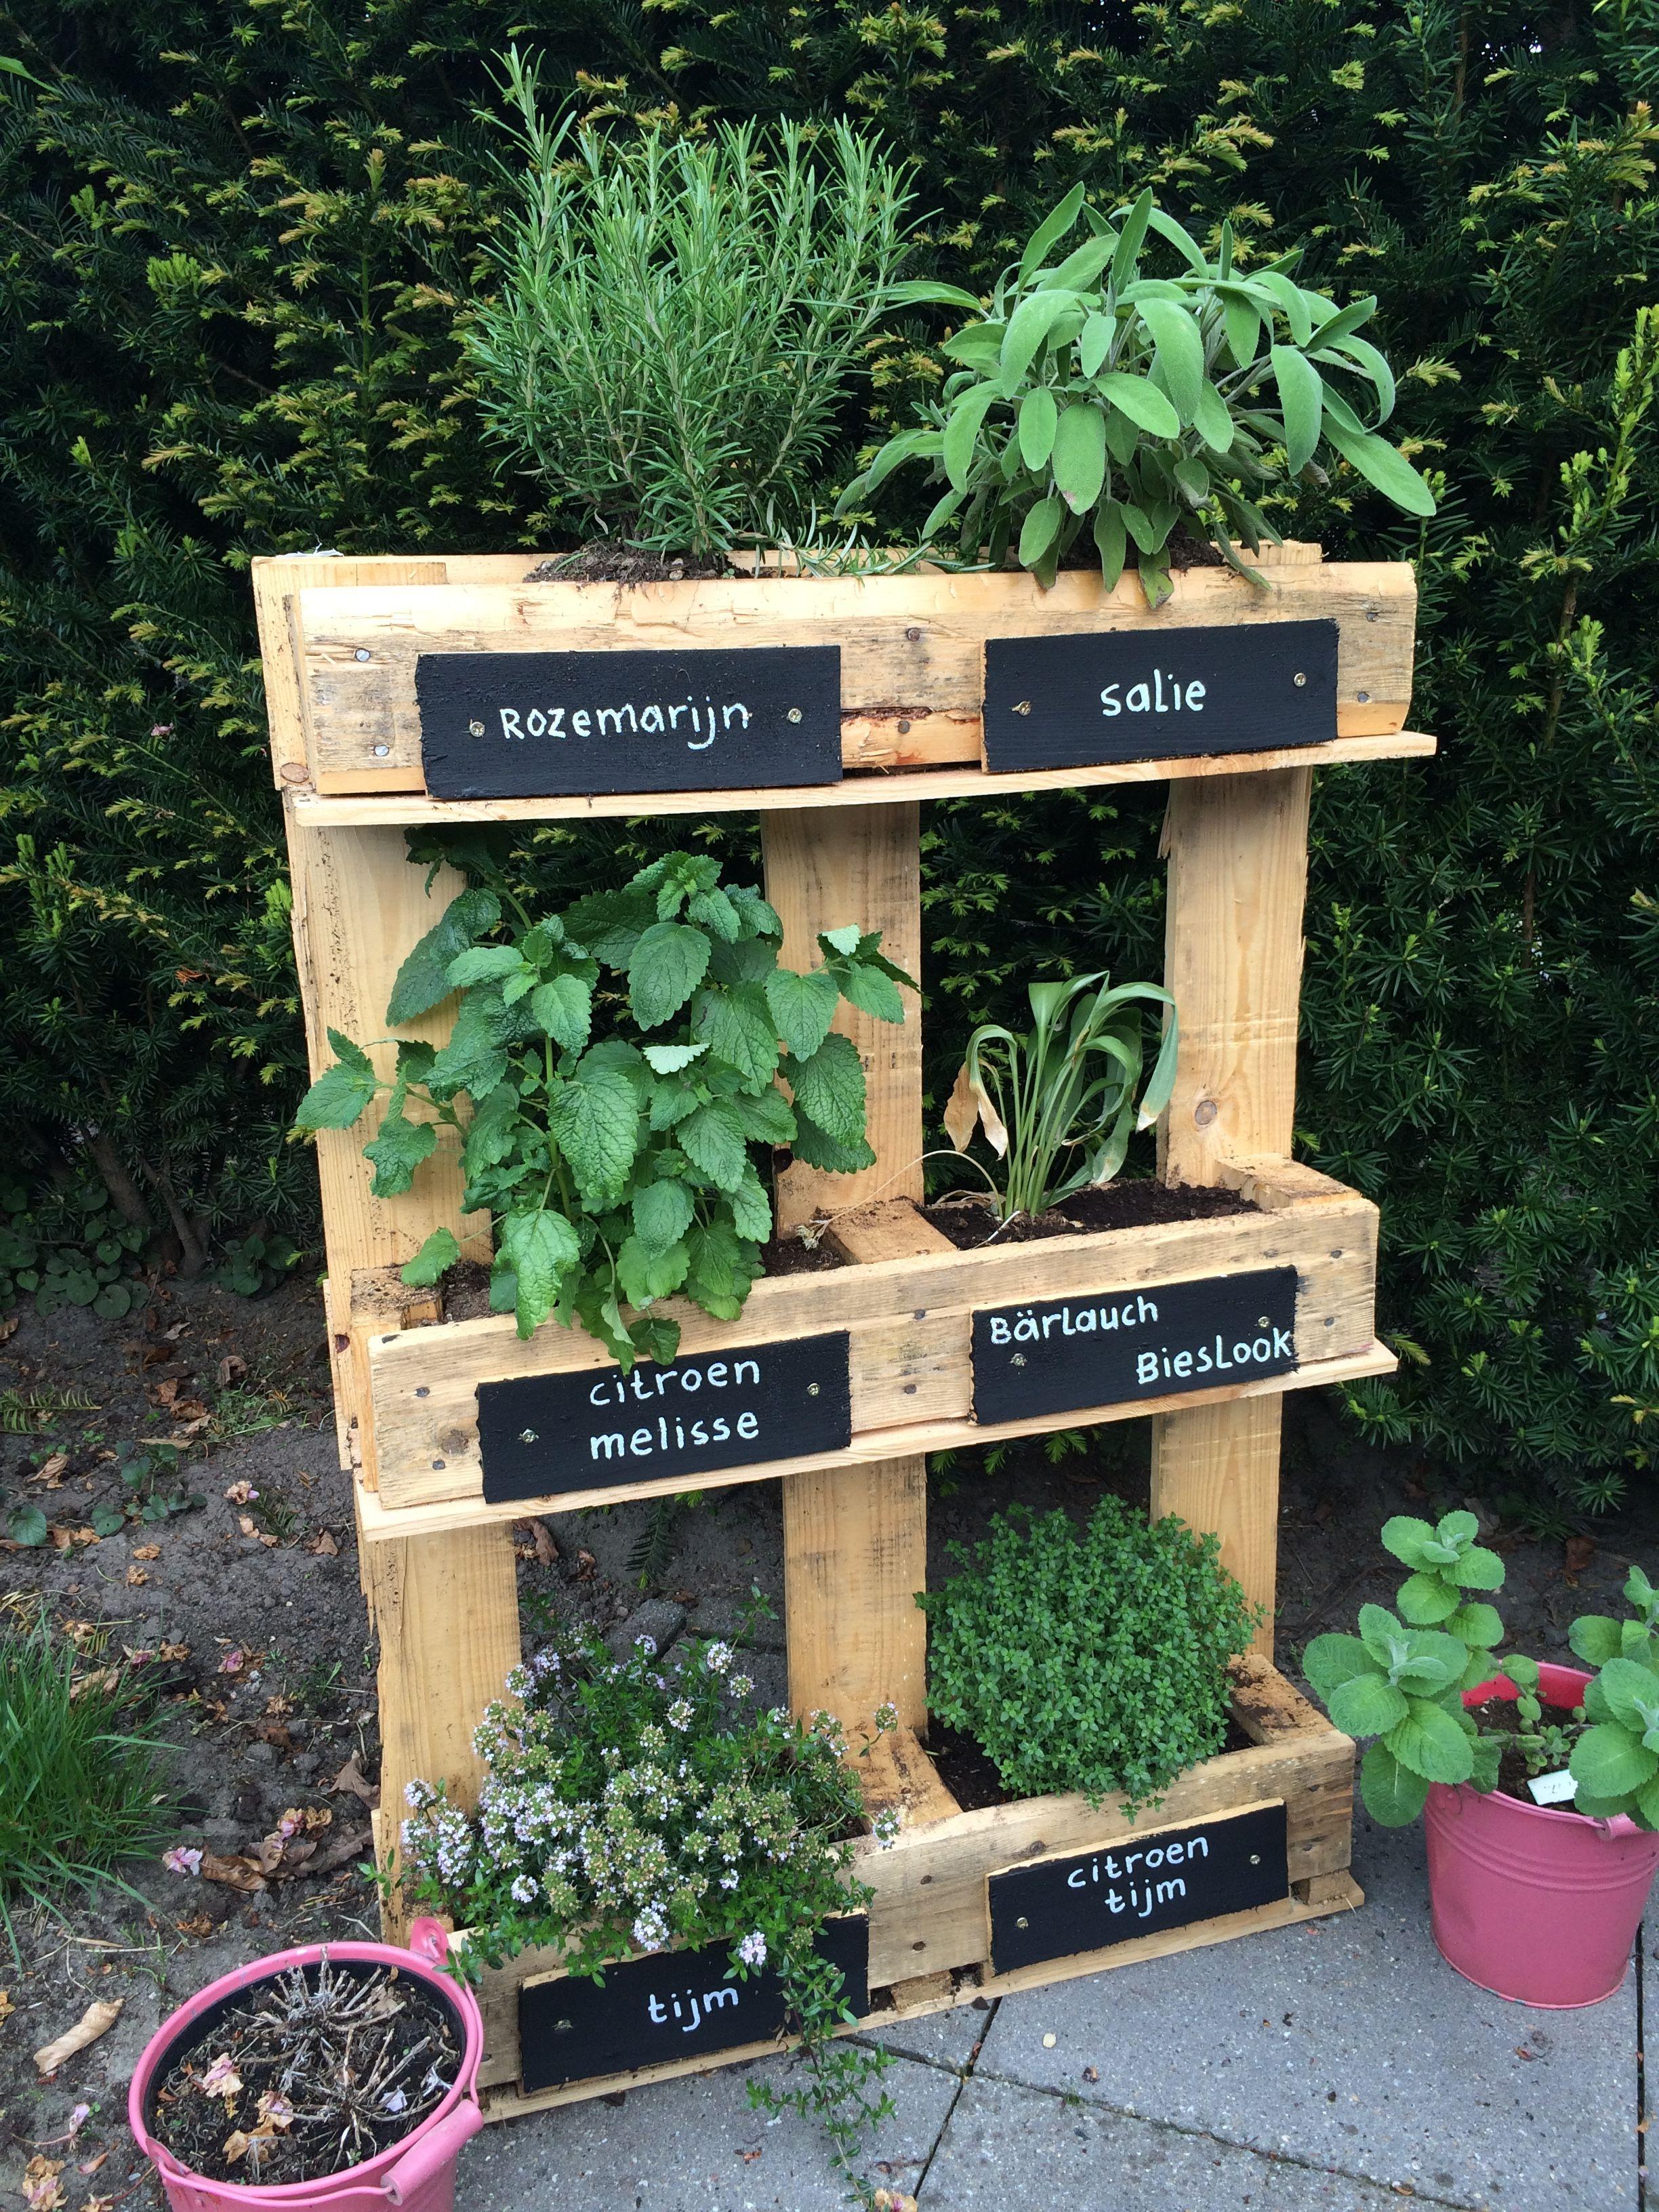 Pin Von Kristina Dempsey Beaudoin Auf Creatief Krautergarten Palette Gartengestaltung Ideen Paletten Garten